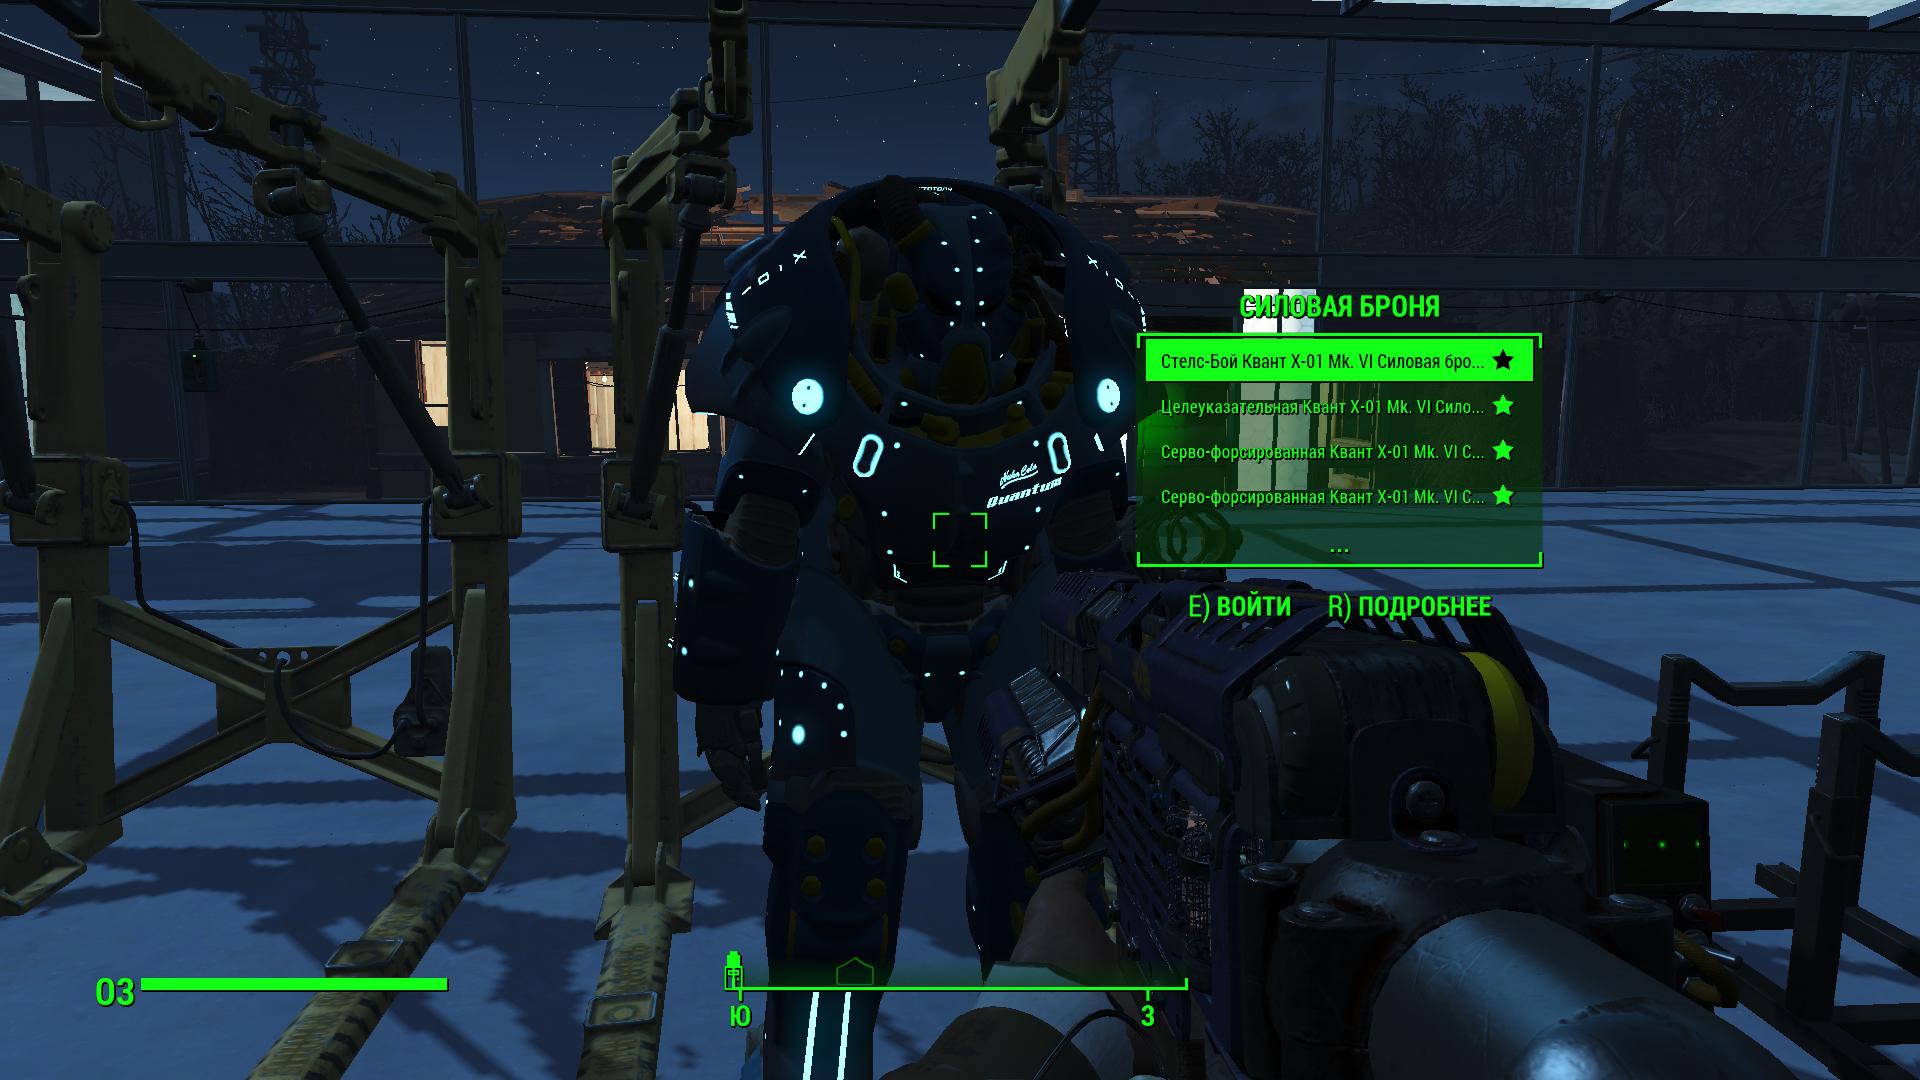 Пылающая квантовая броня Х-01...1 - Fallout 4